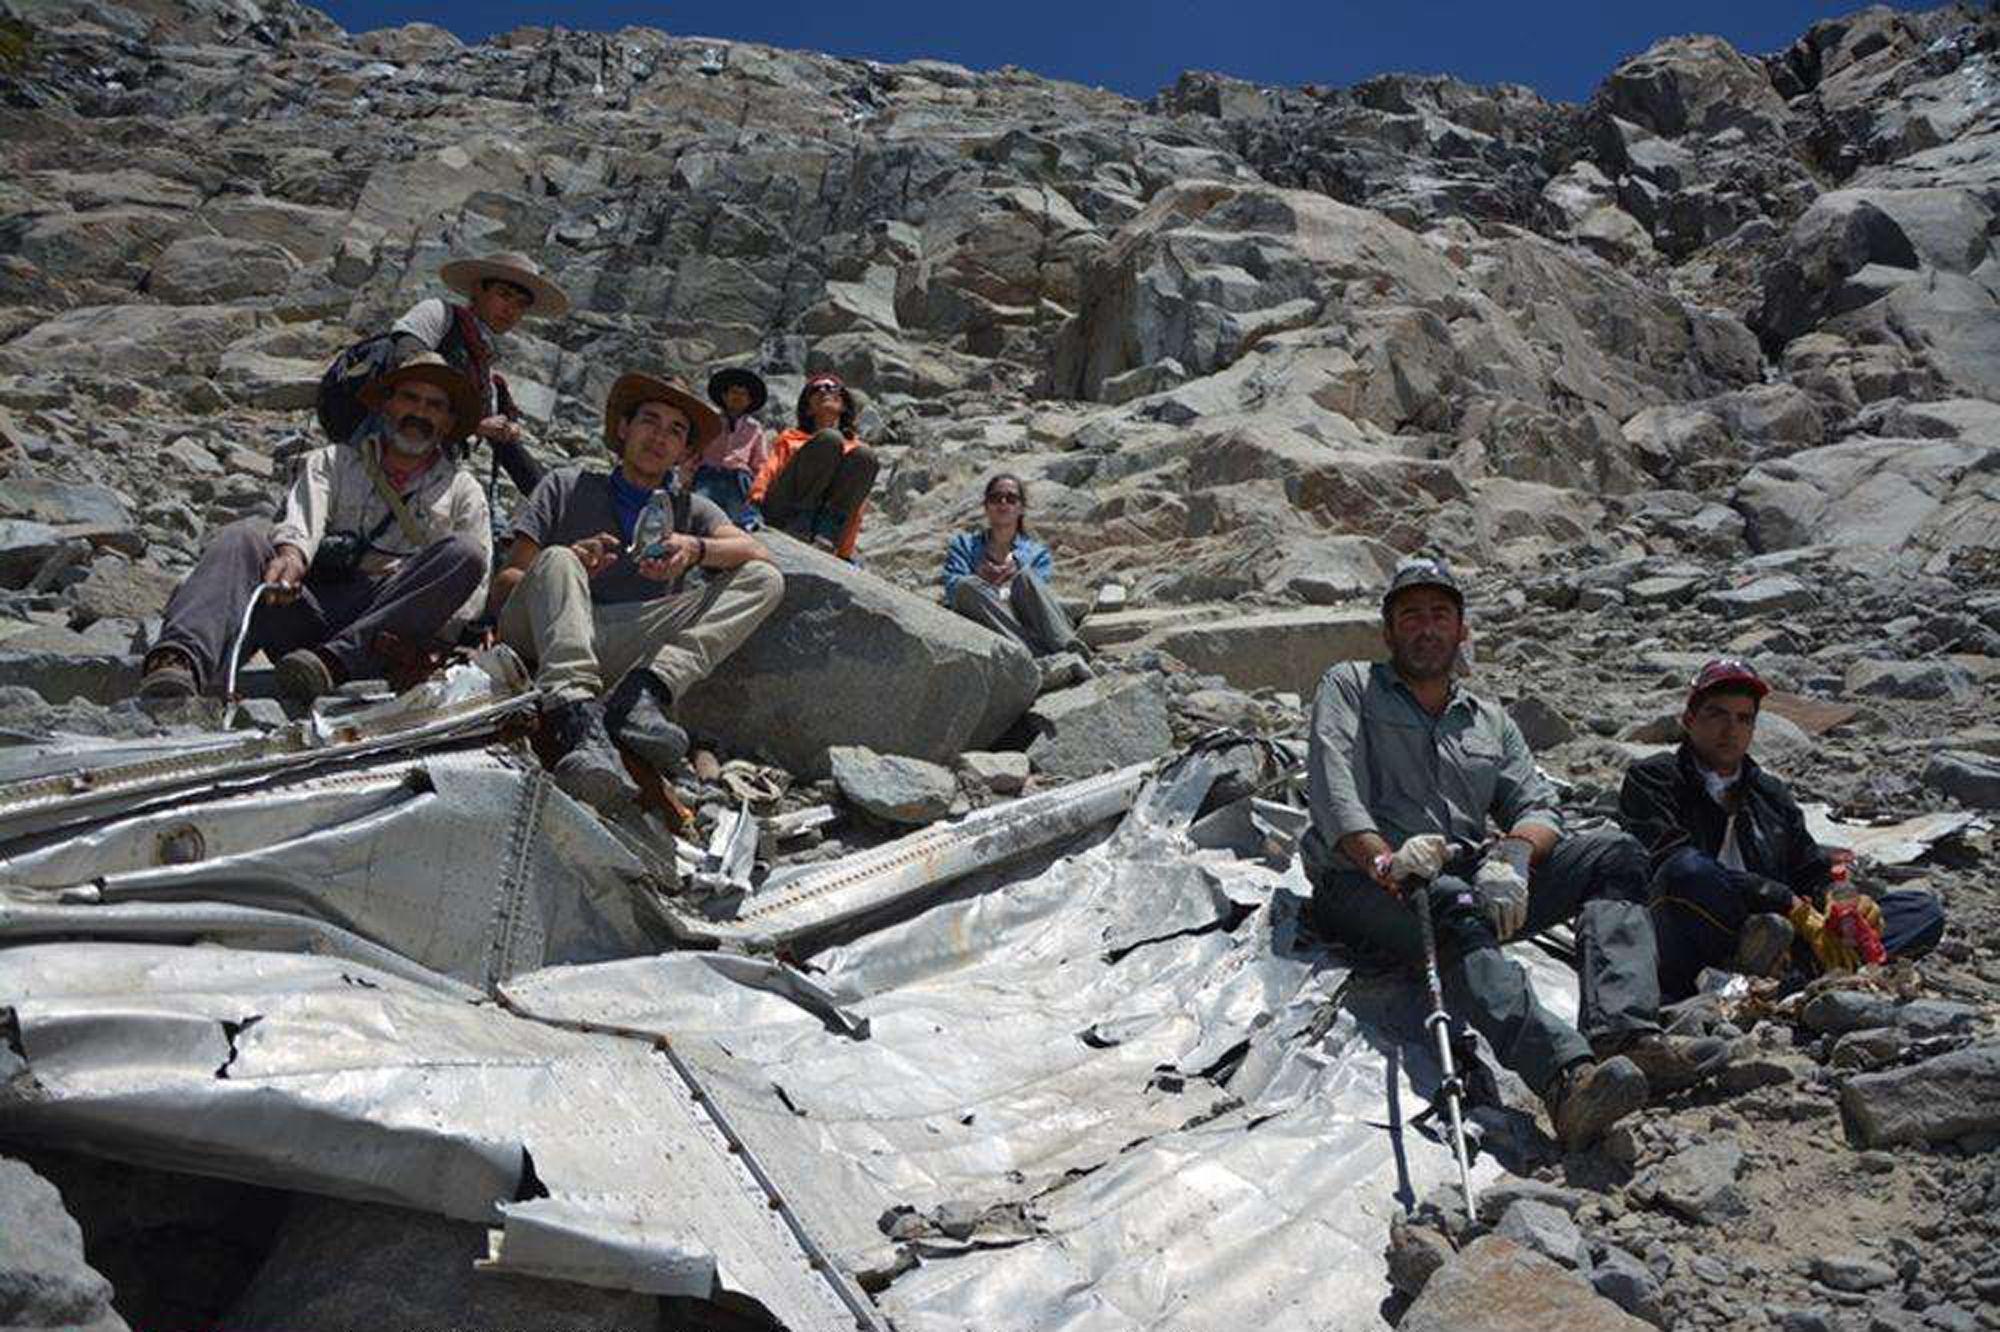 53 Ans Plus Tard Un Avion Accidente Retrouve Dans Les Andes